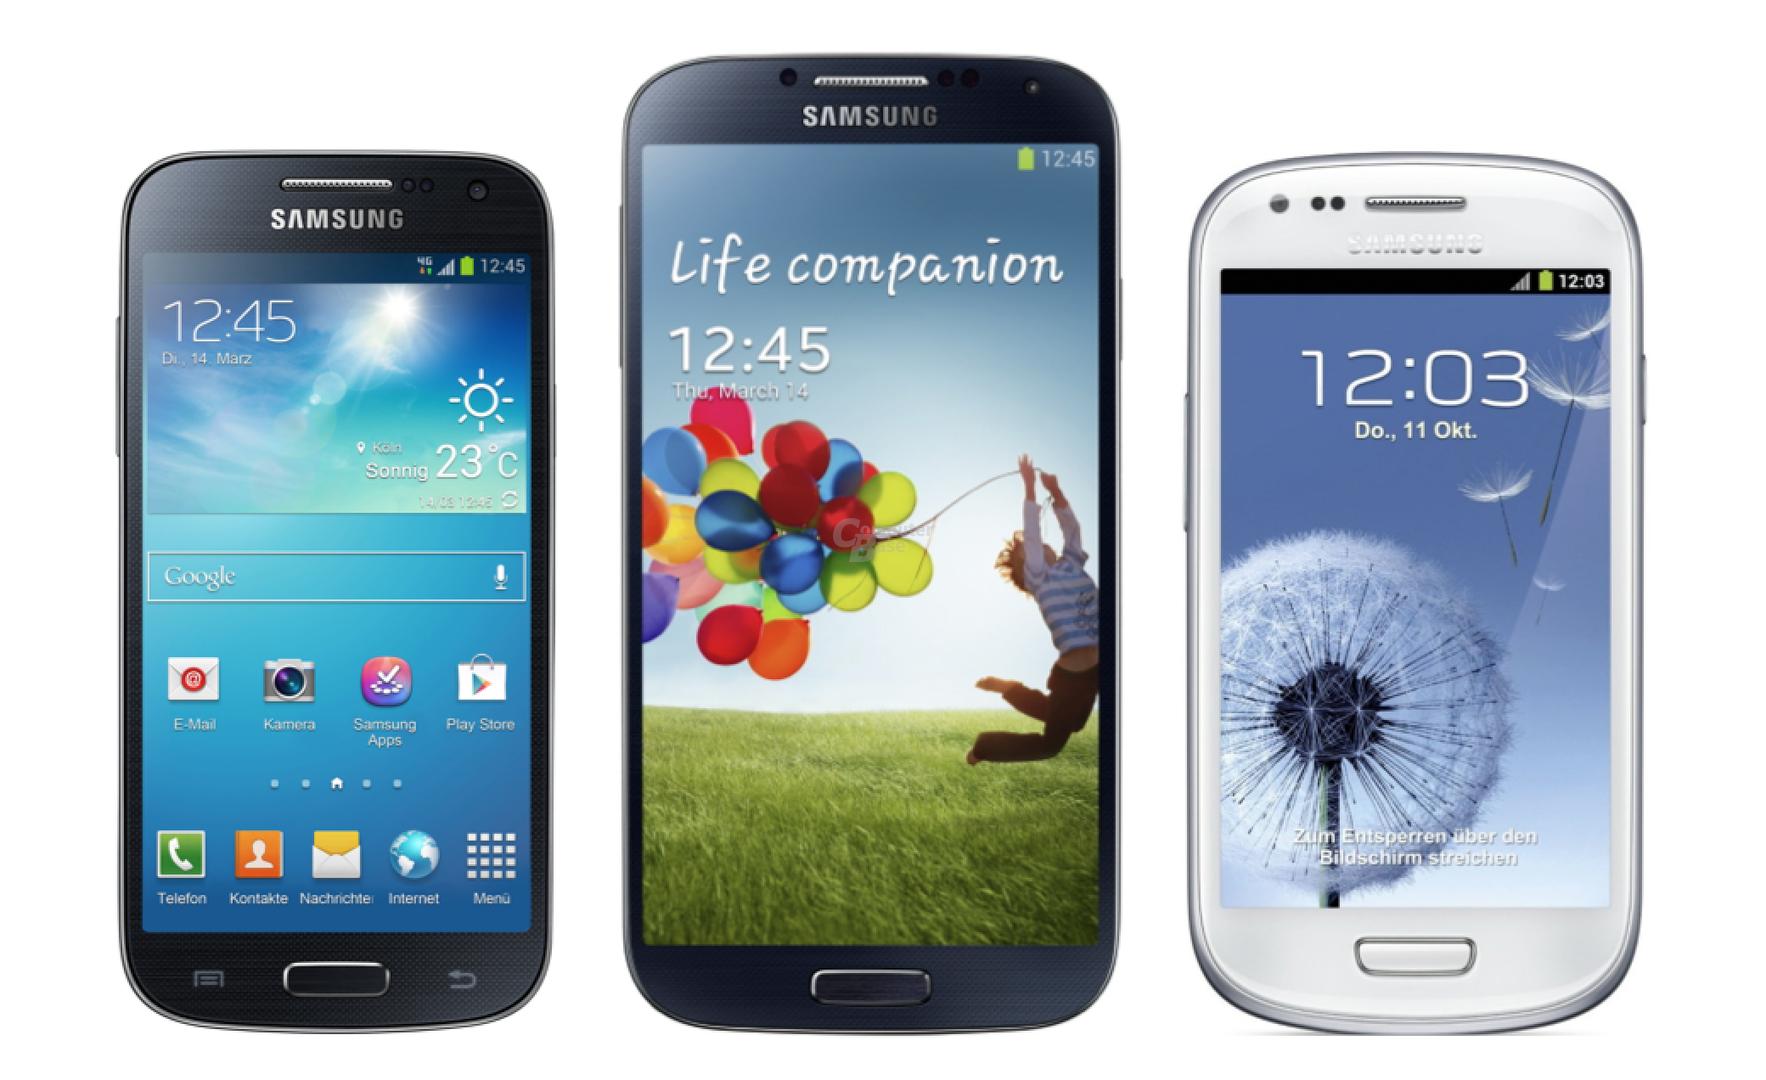 v.l.n.r.: Galaxy S4 mini, Galaxy S4, Galaxy S III mini